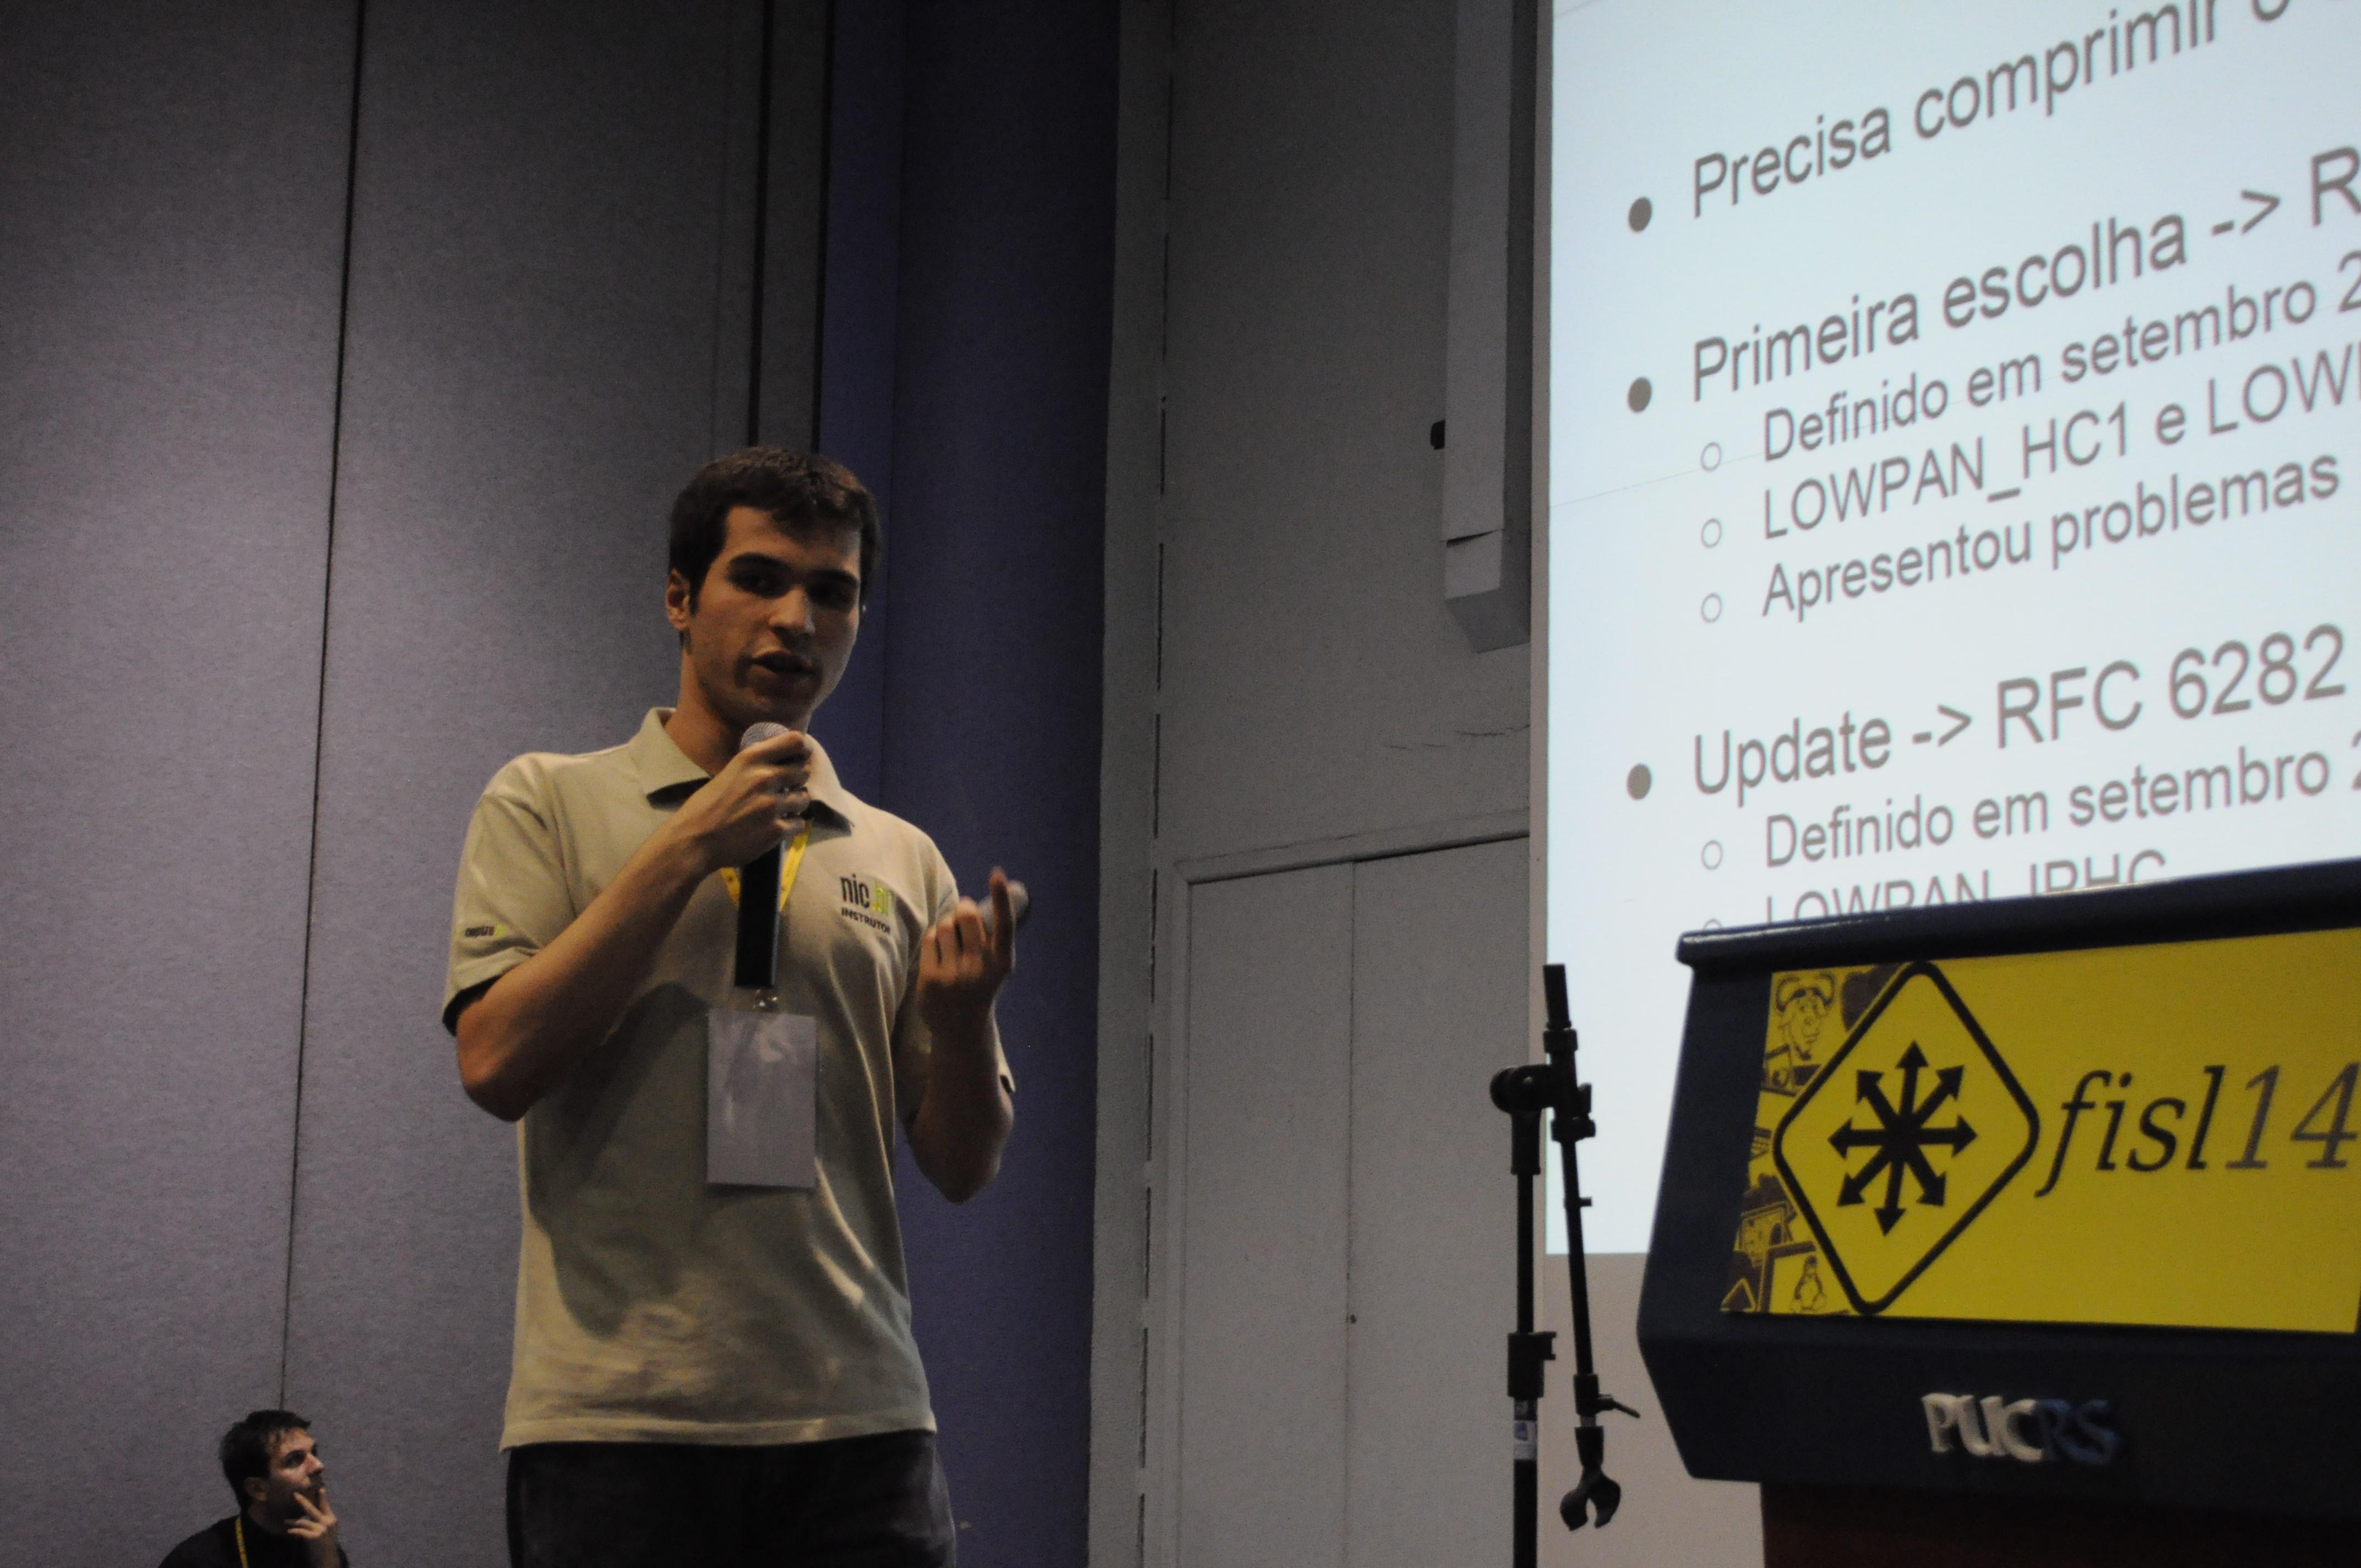 Palestrante fala sobre a Internet das Coisas no 14º Fisl (Foto: Giordano Tronco/Techtudo)